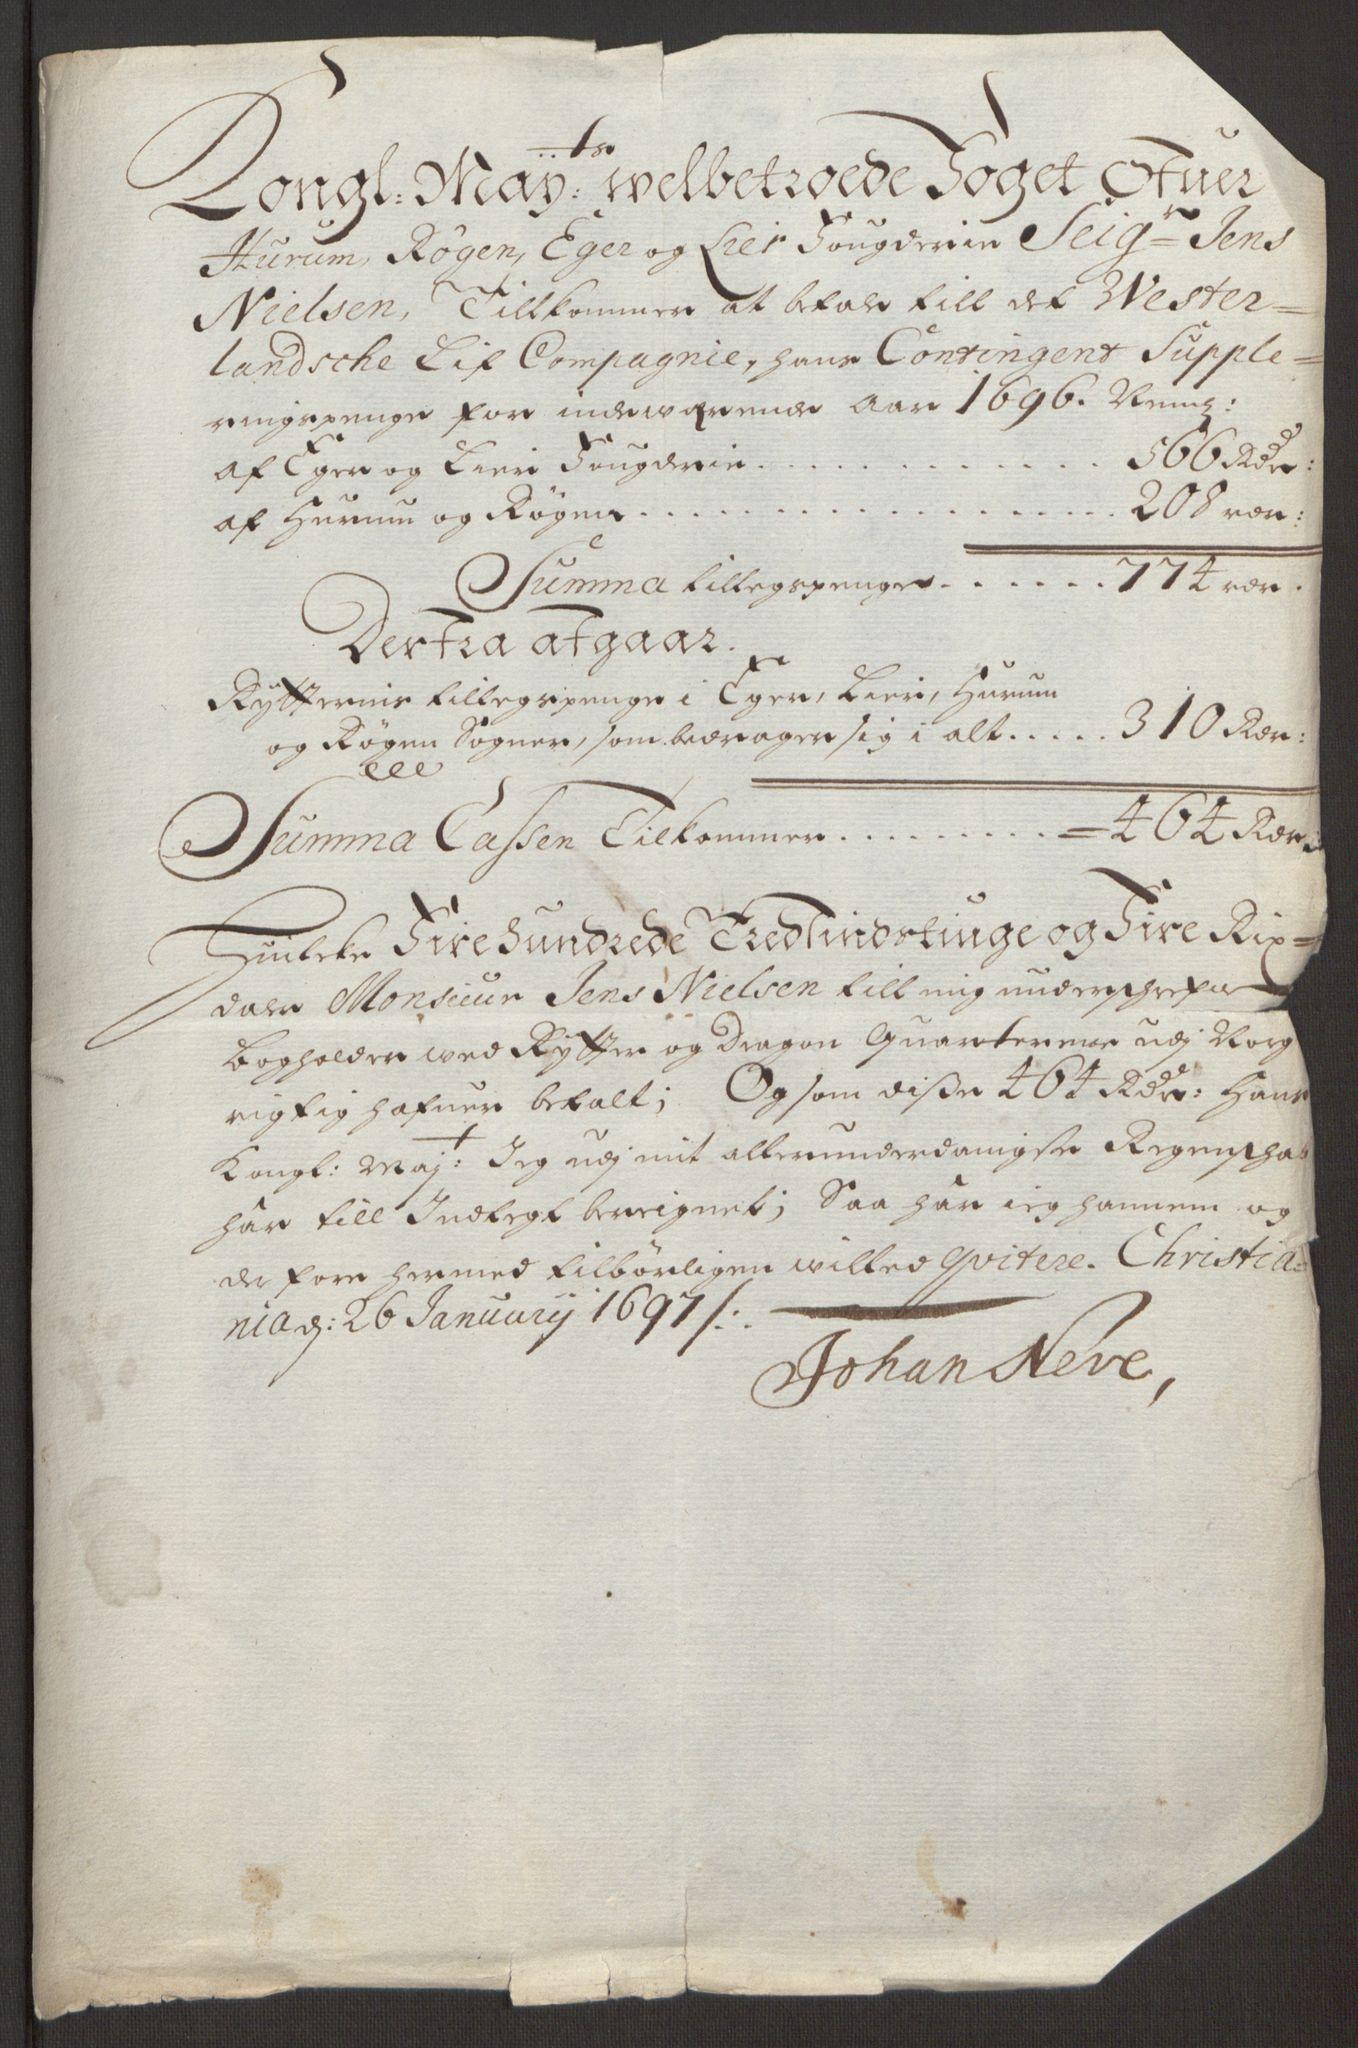 RA, Rentekammeret inntil 1814, Reviderte regnskaper, Fogderegnskap, R30/L1694: Fogderegnskap Hurum, Røyken, Eiker og Lier, 1694-1696, s. 436